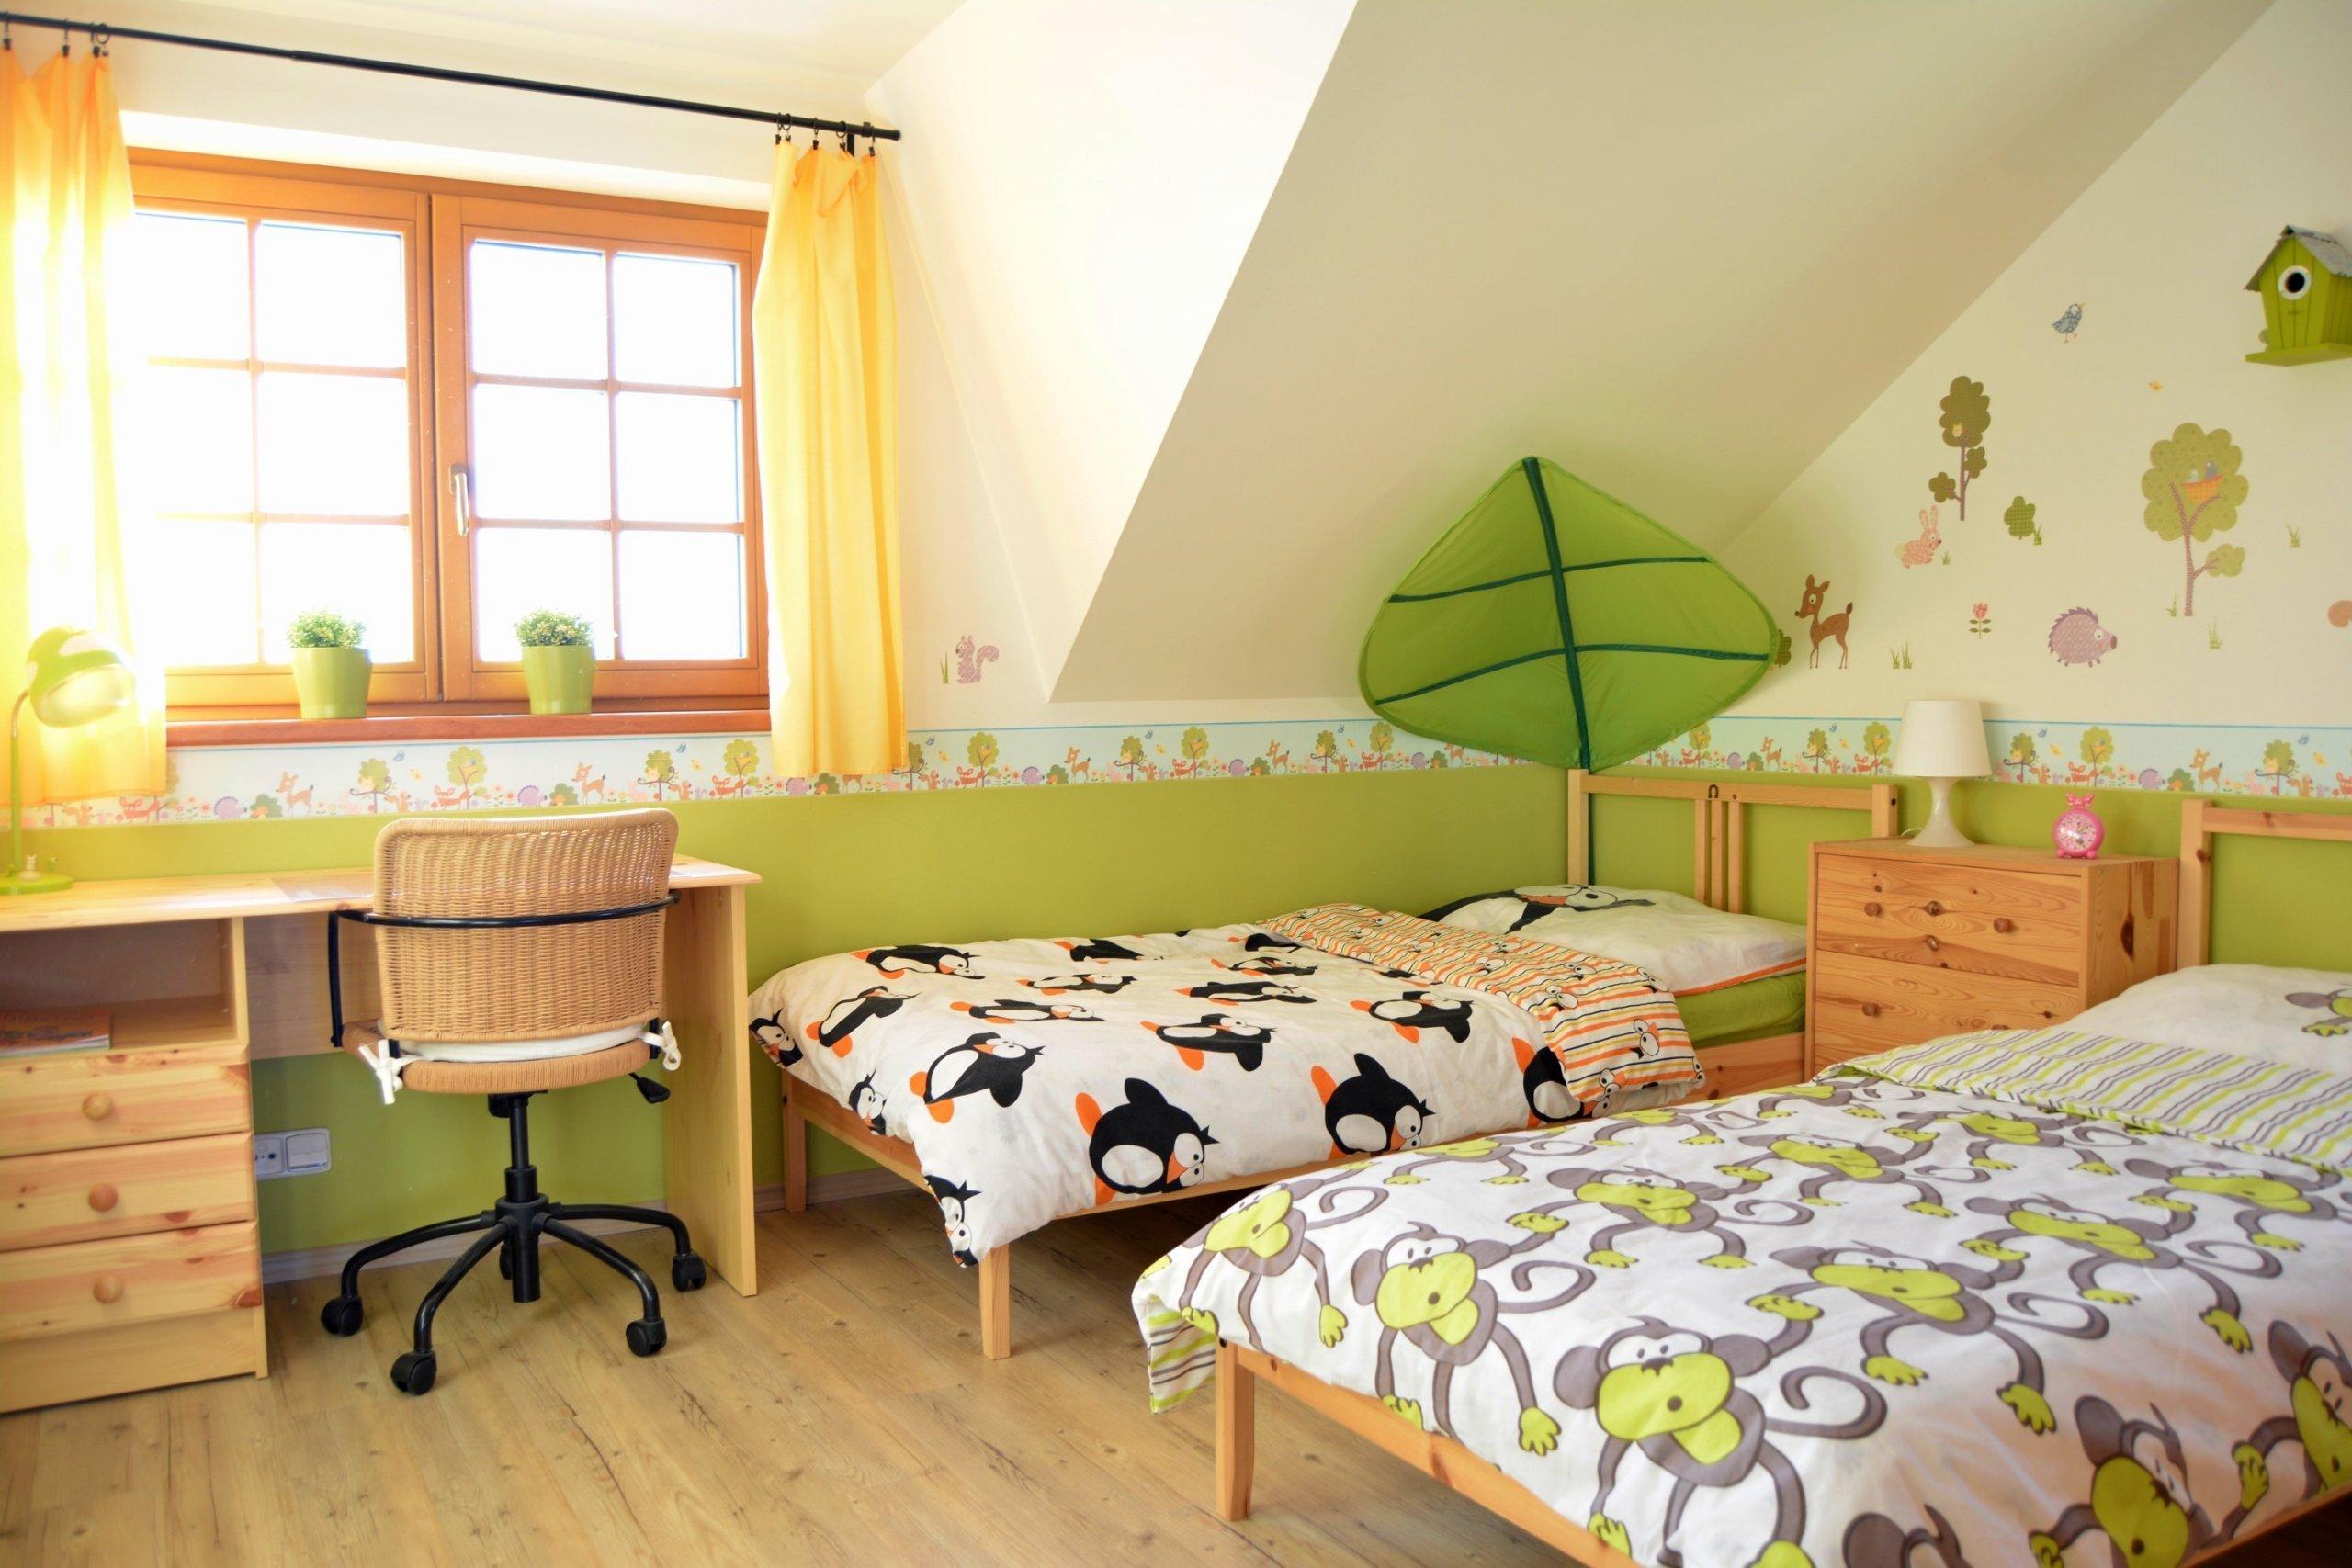 Menší dětský pokoj určený pouze pro spinkání a psaní domácích úkolů staršího sourozence. I přes stanovený nízký rozpočet na zařízení tohoto pokojíčku se…